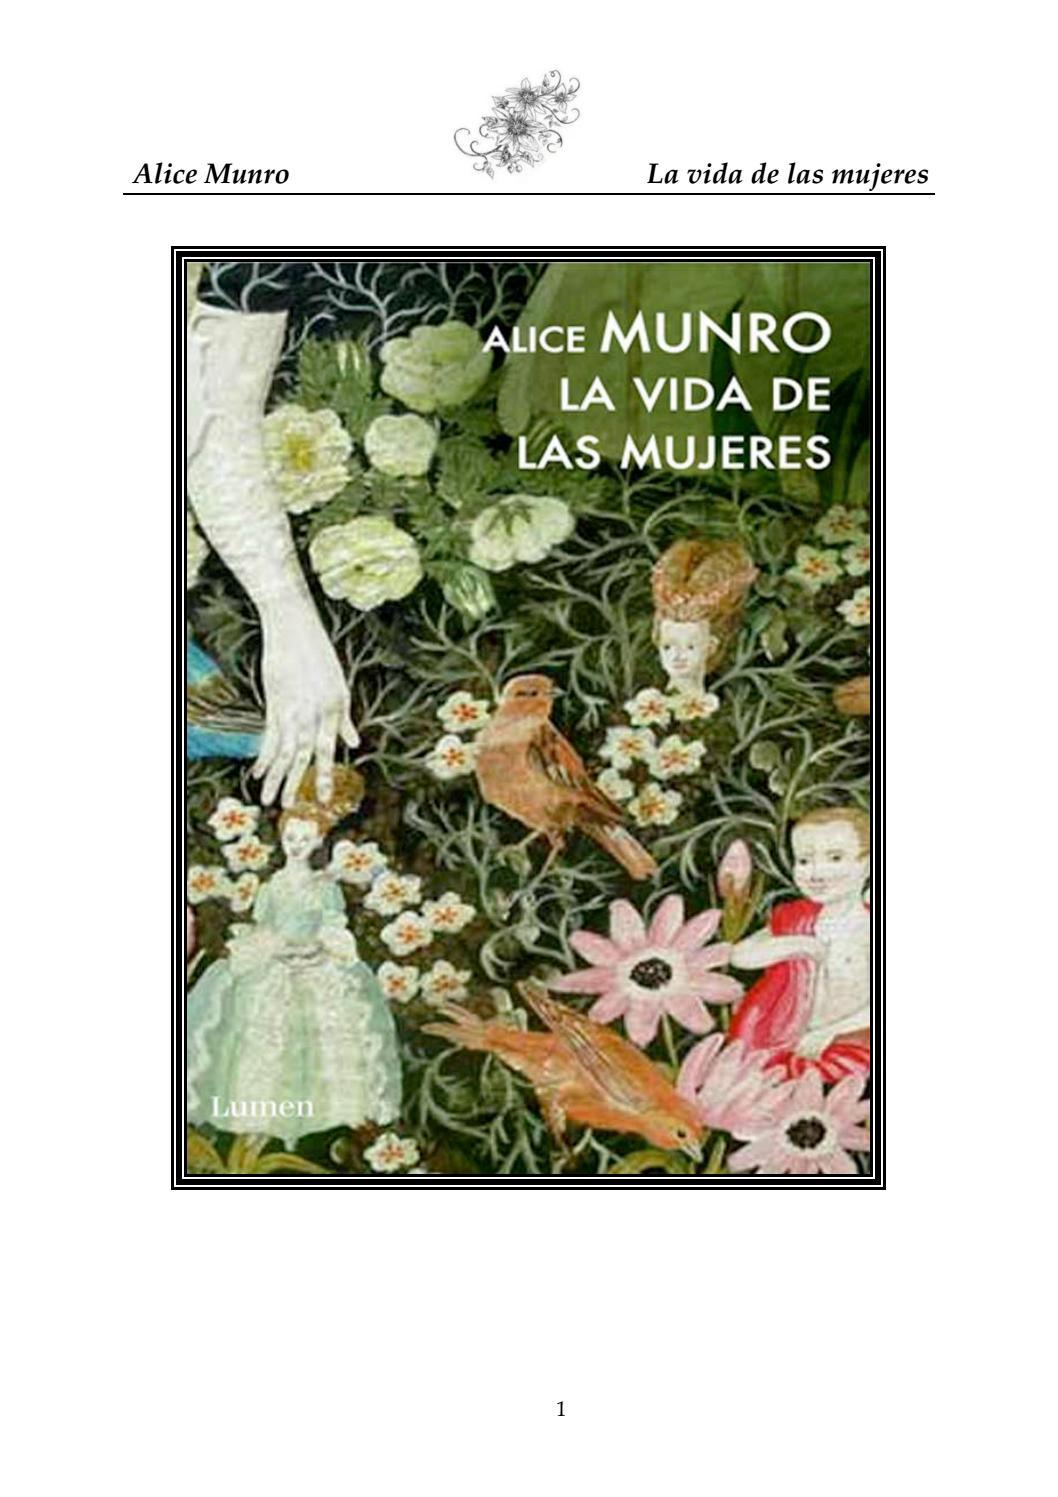 Cuchillo Roblox Asesino Huevo Claymore Exóticas Edición La Vida De Las Mujeres By Sala De Prensa Issuu